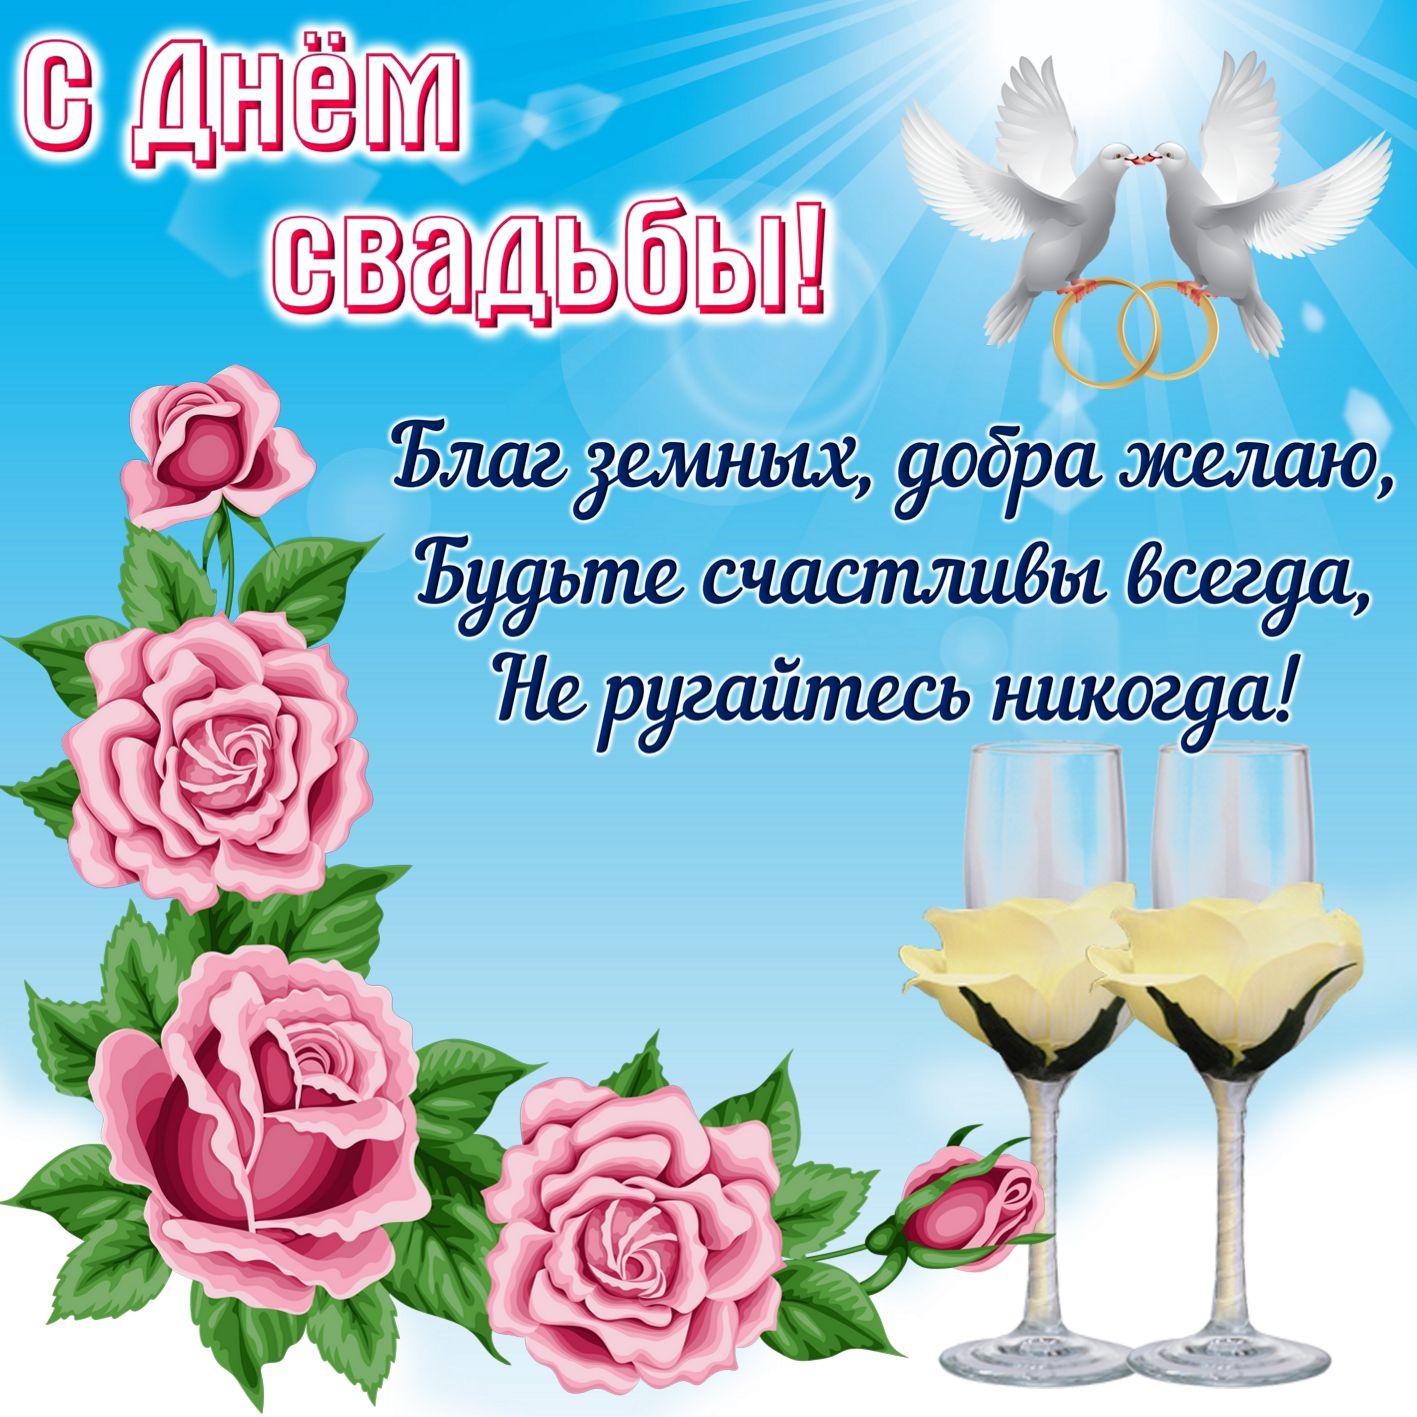 открытка на День свадьбы - два голубя с кольцами и розы